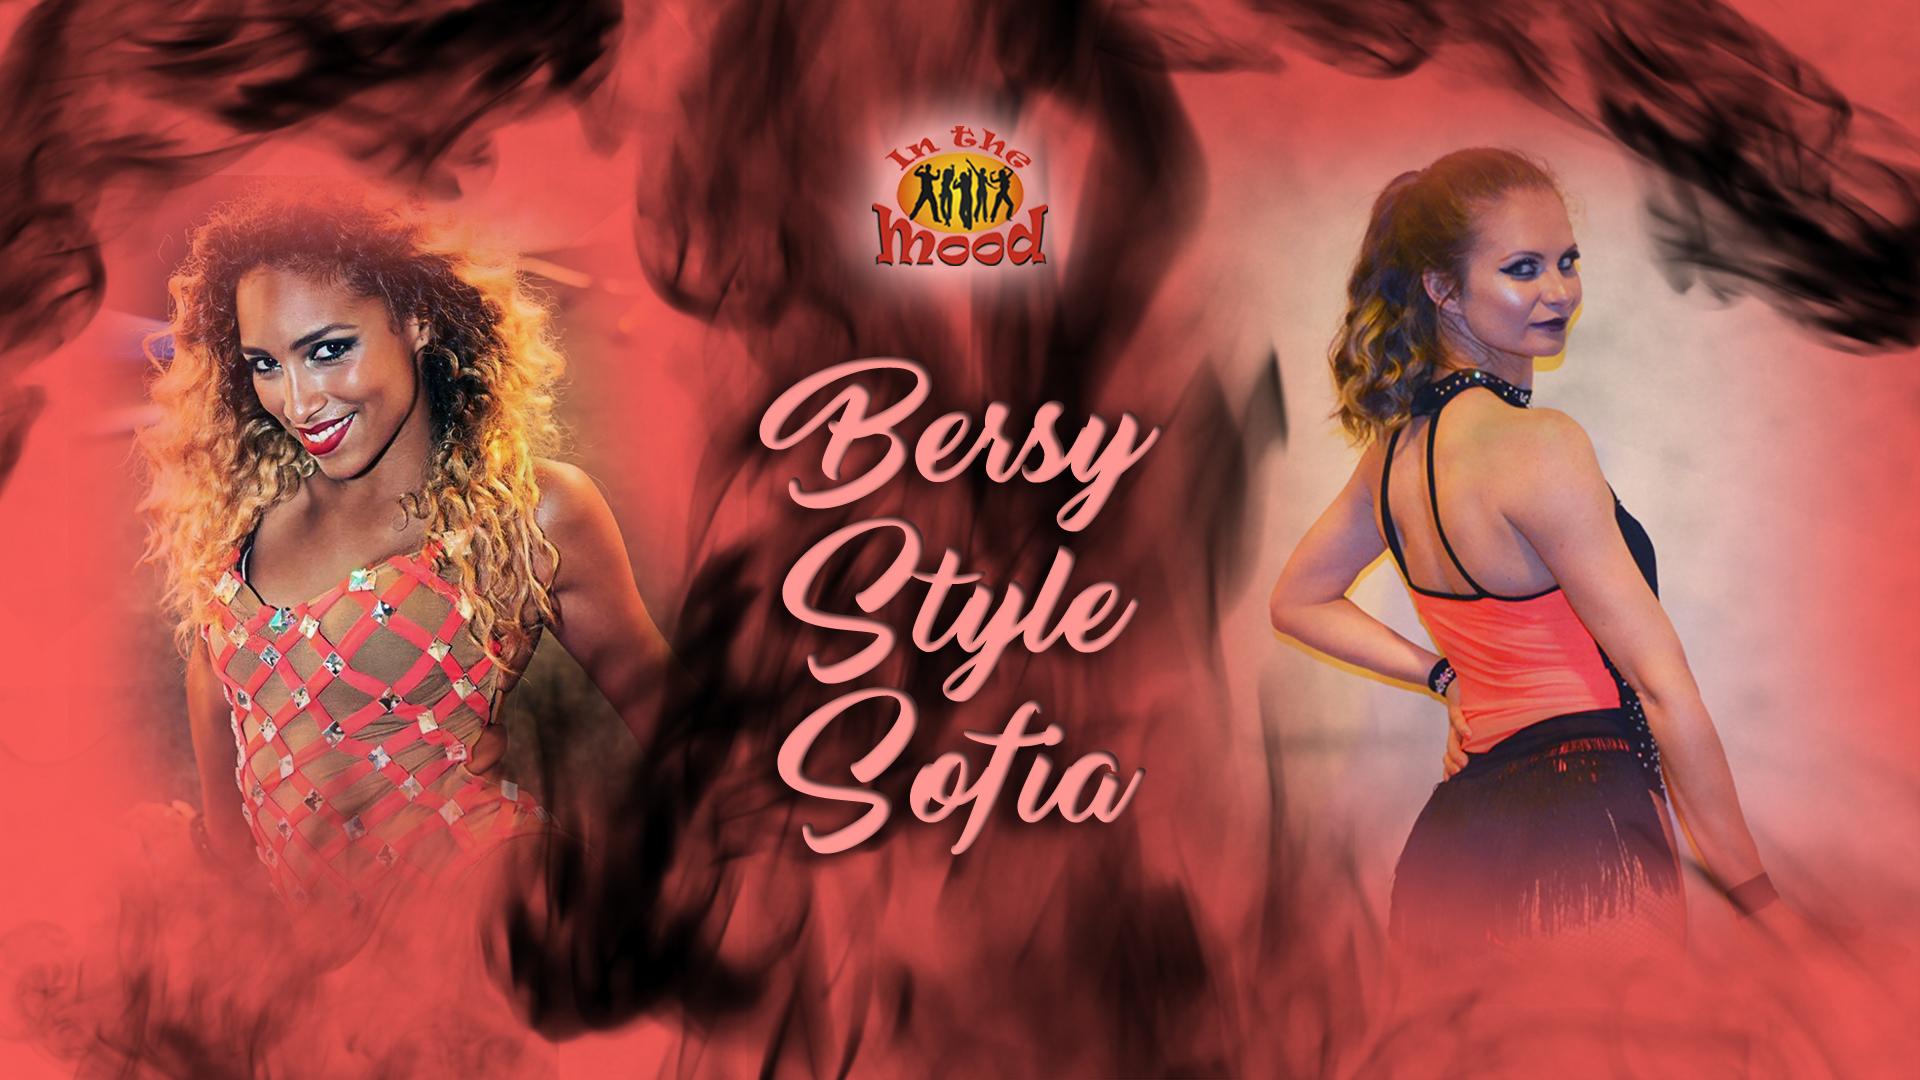 Bersy style Sofia